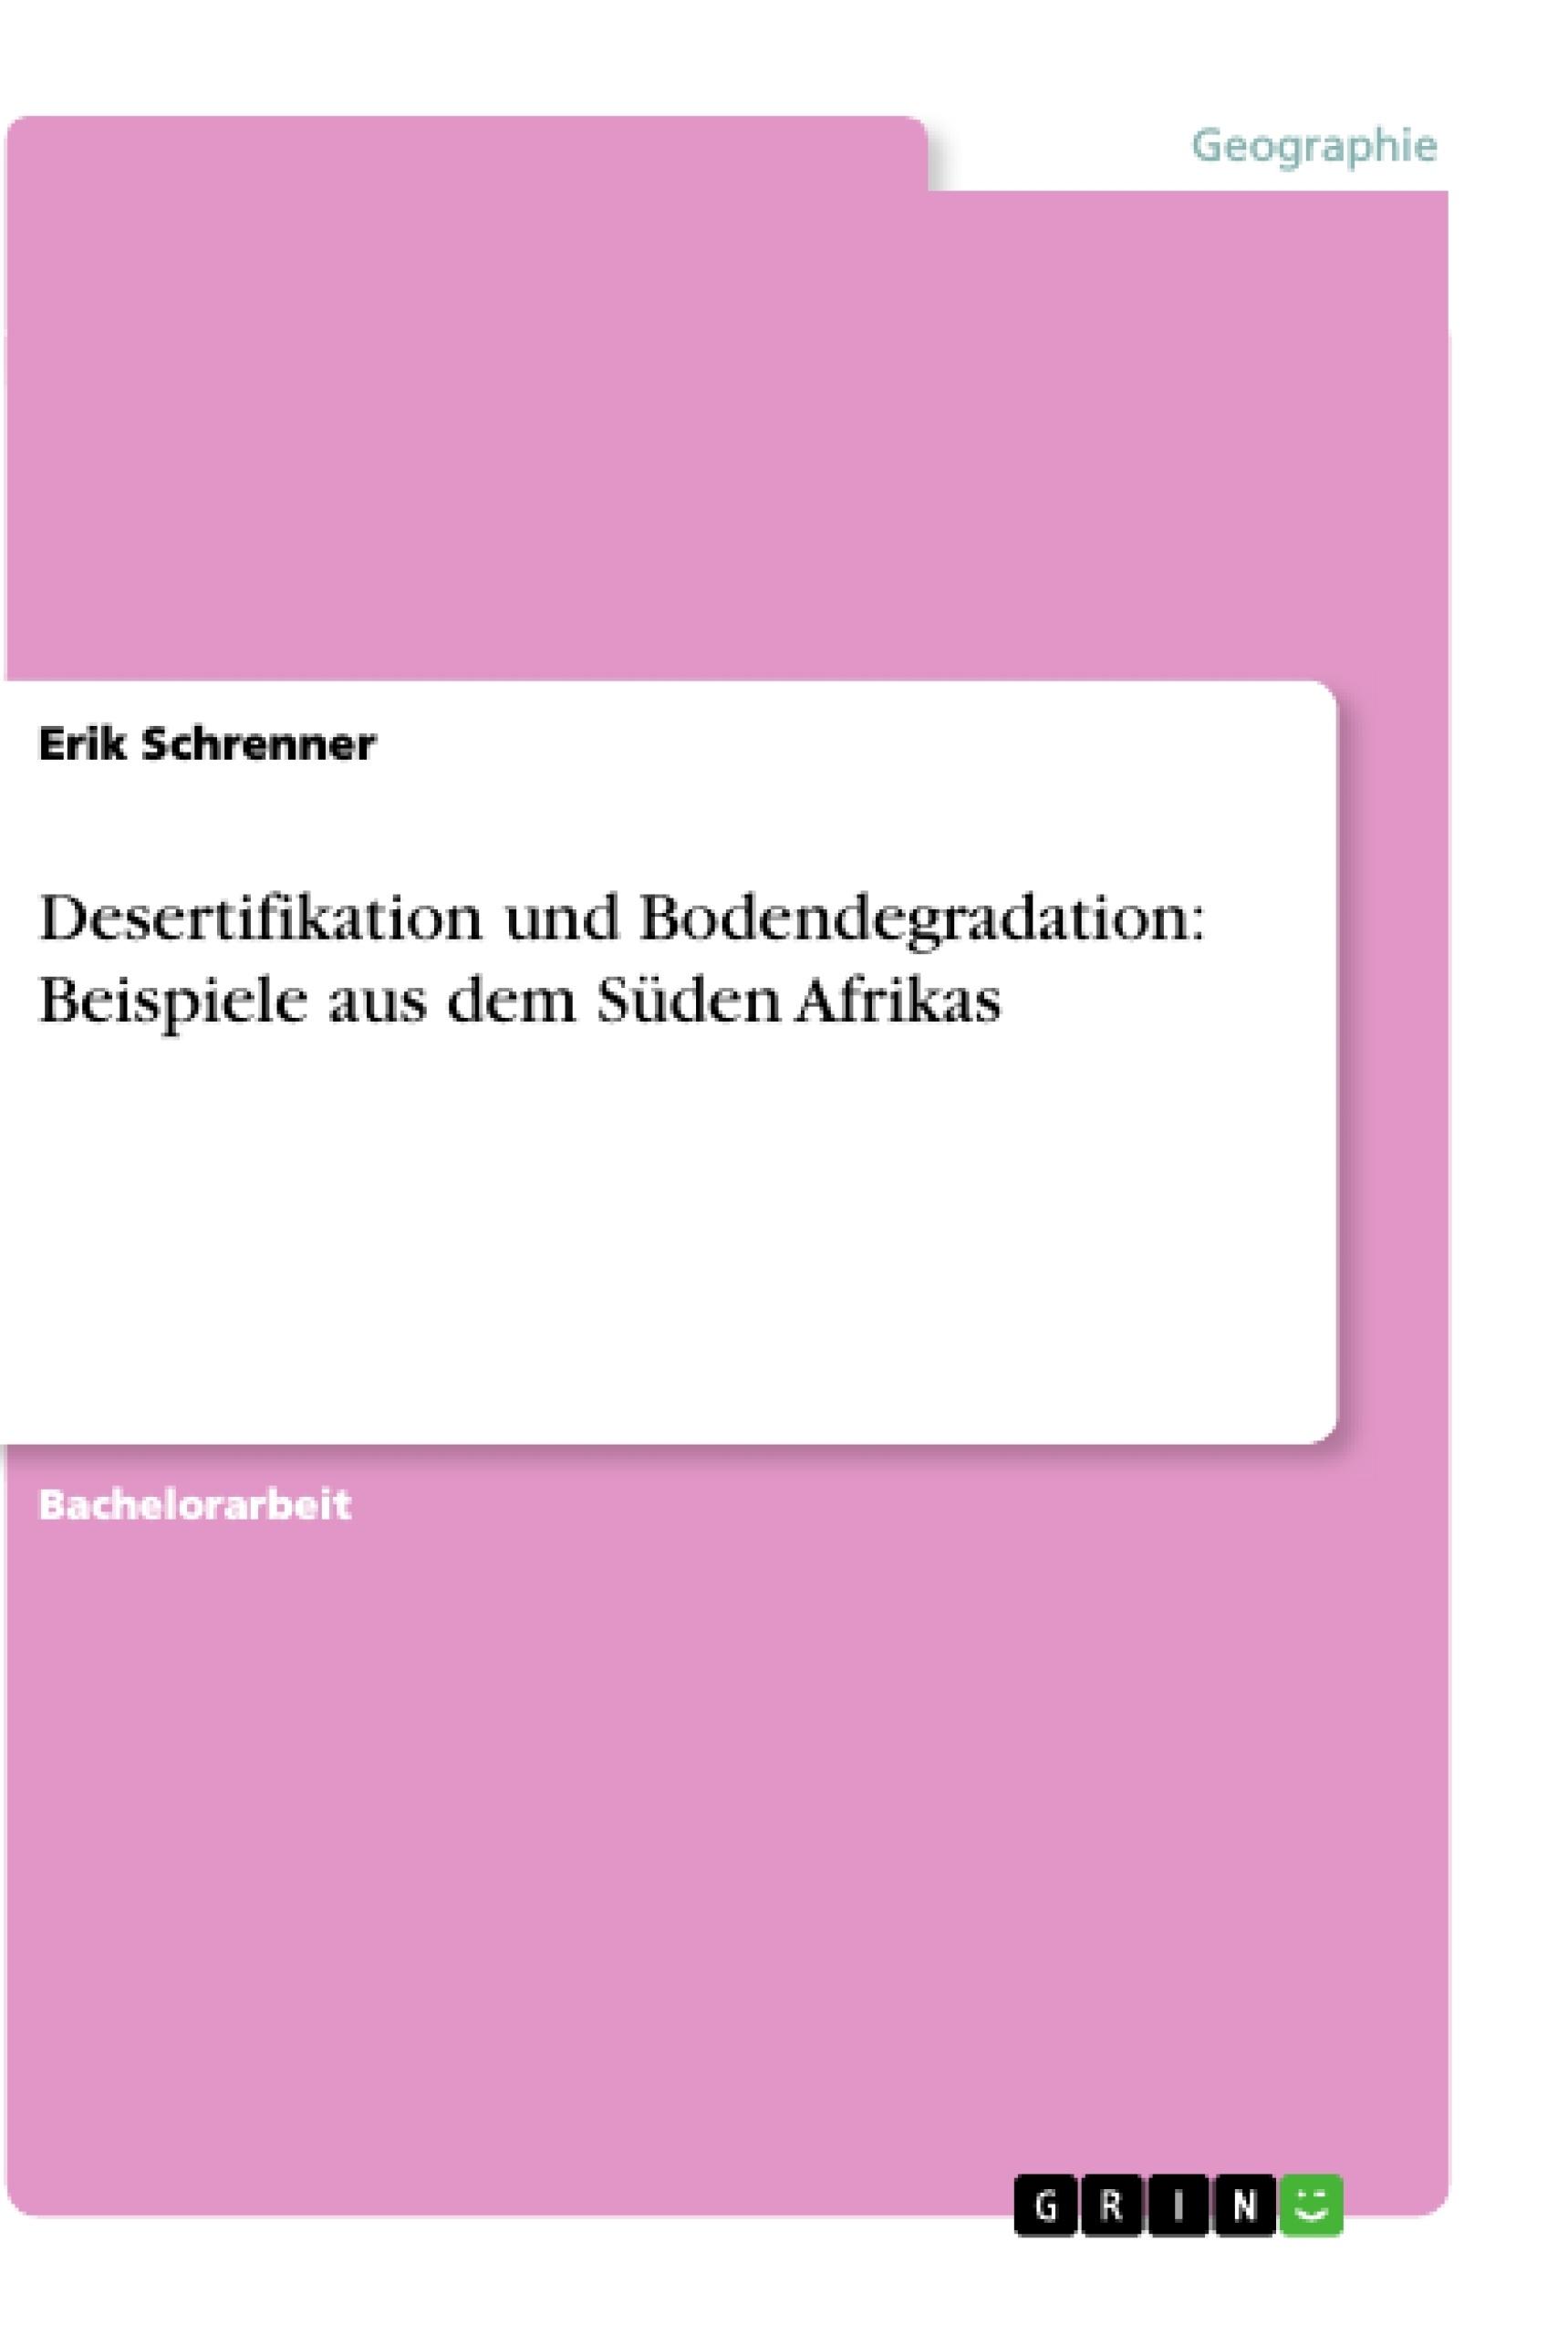 Titel: Desertifikation und Bodendegradation: Beispiele aus dem Süden Afrikas